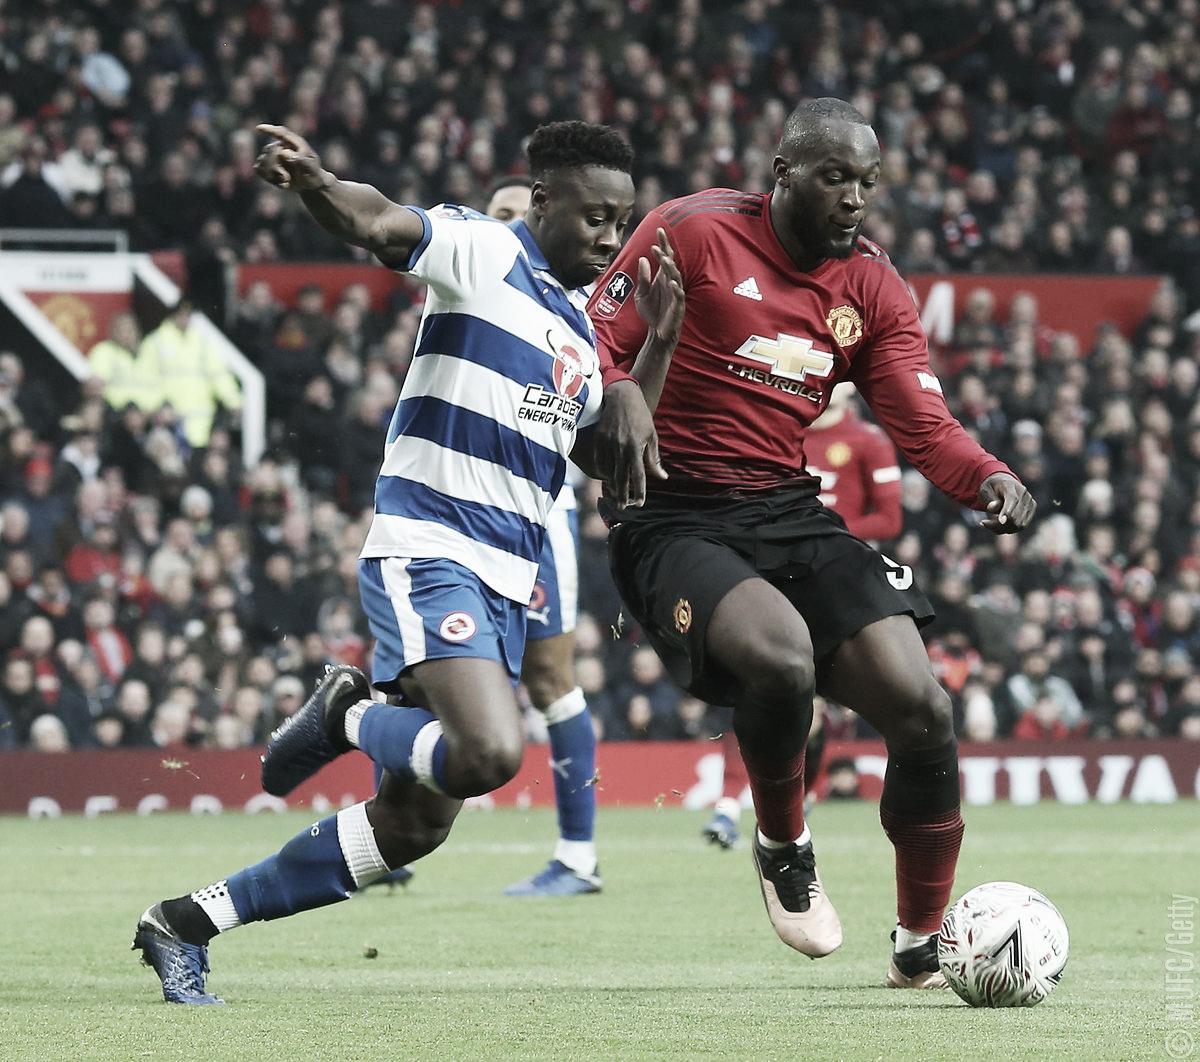 Em casa, Manchester United bate Reading e avança na Copa da Inglaterra